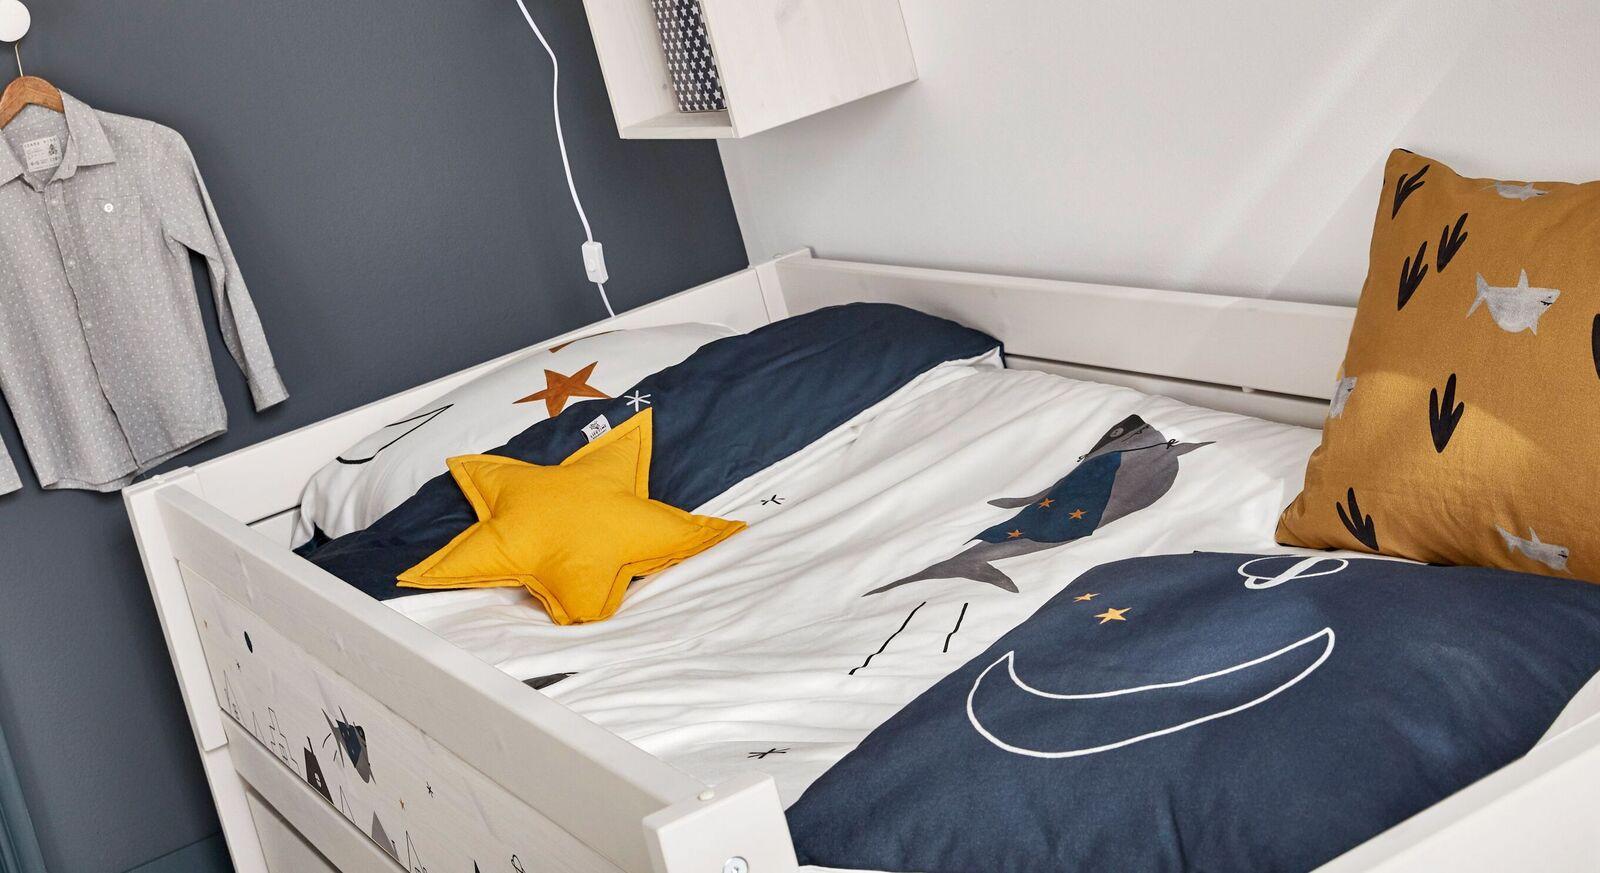 LIFETIME Kinderbett Space Dream mit robuster Absturzsicherung